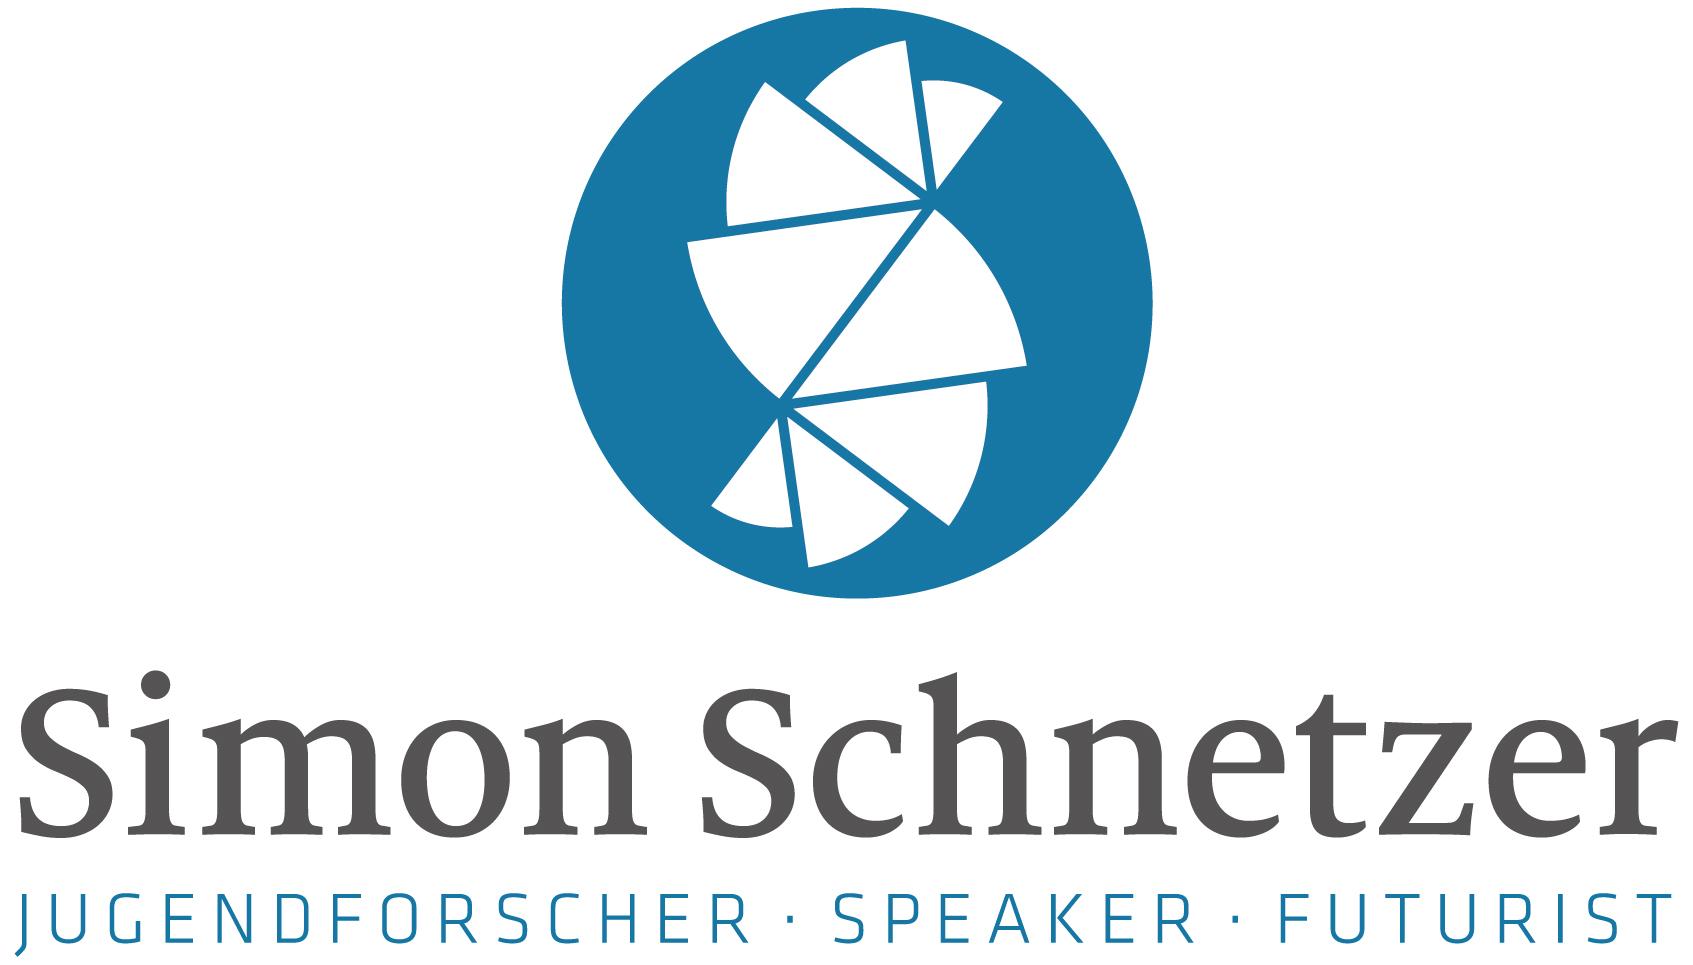 Simon Schnetzer Logo